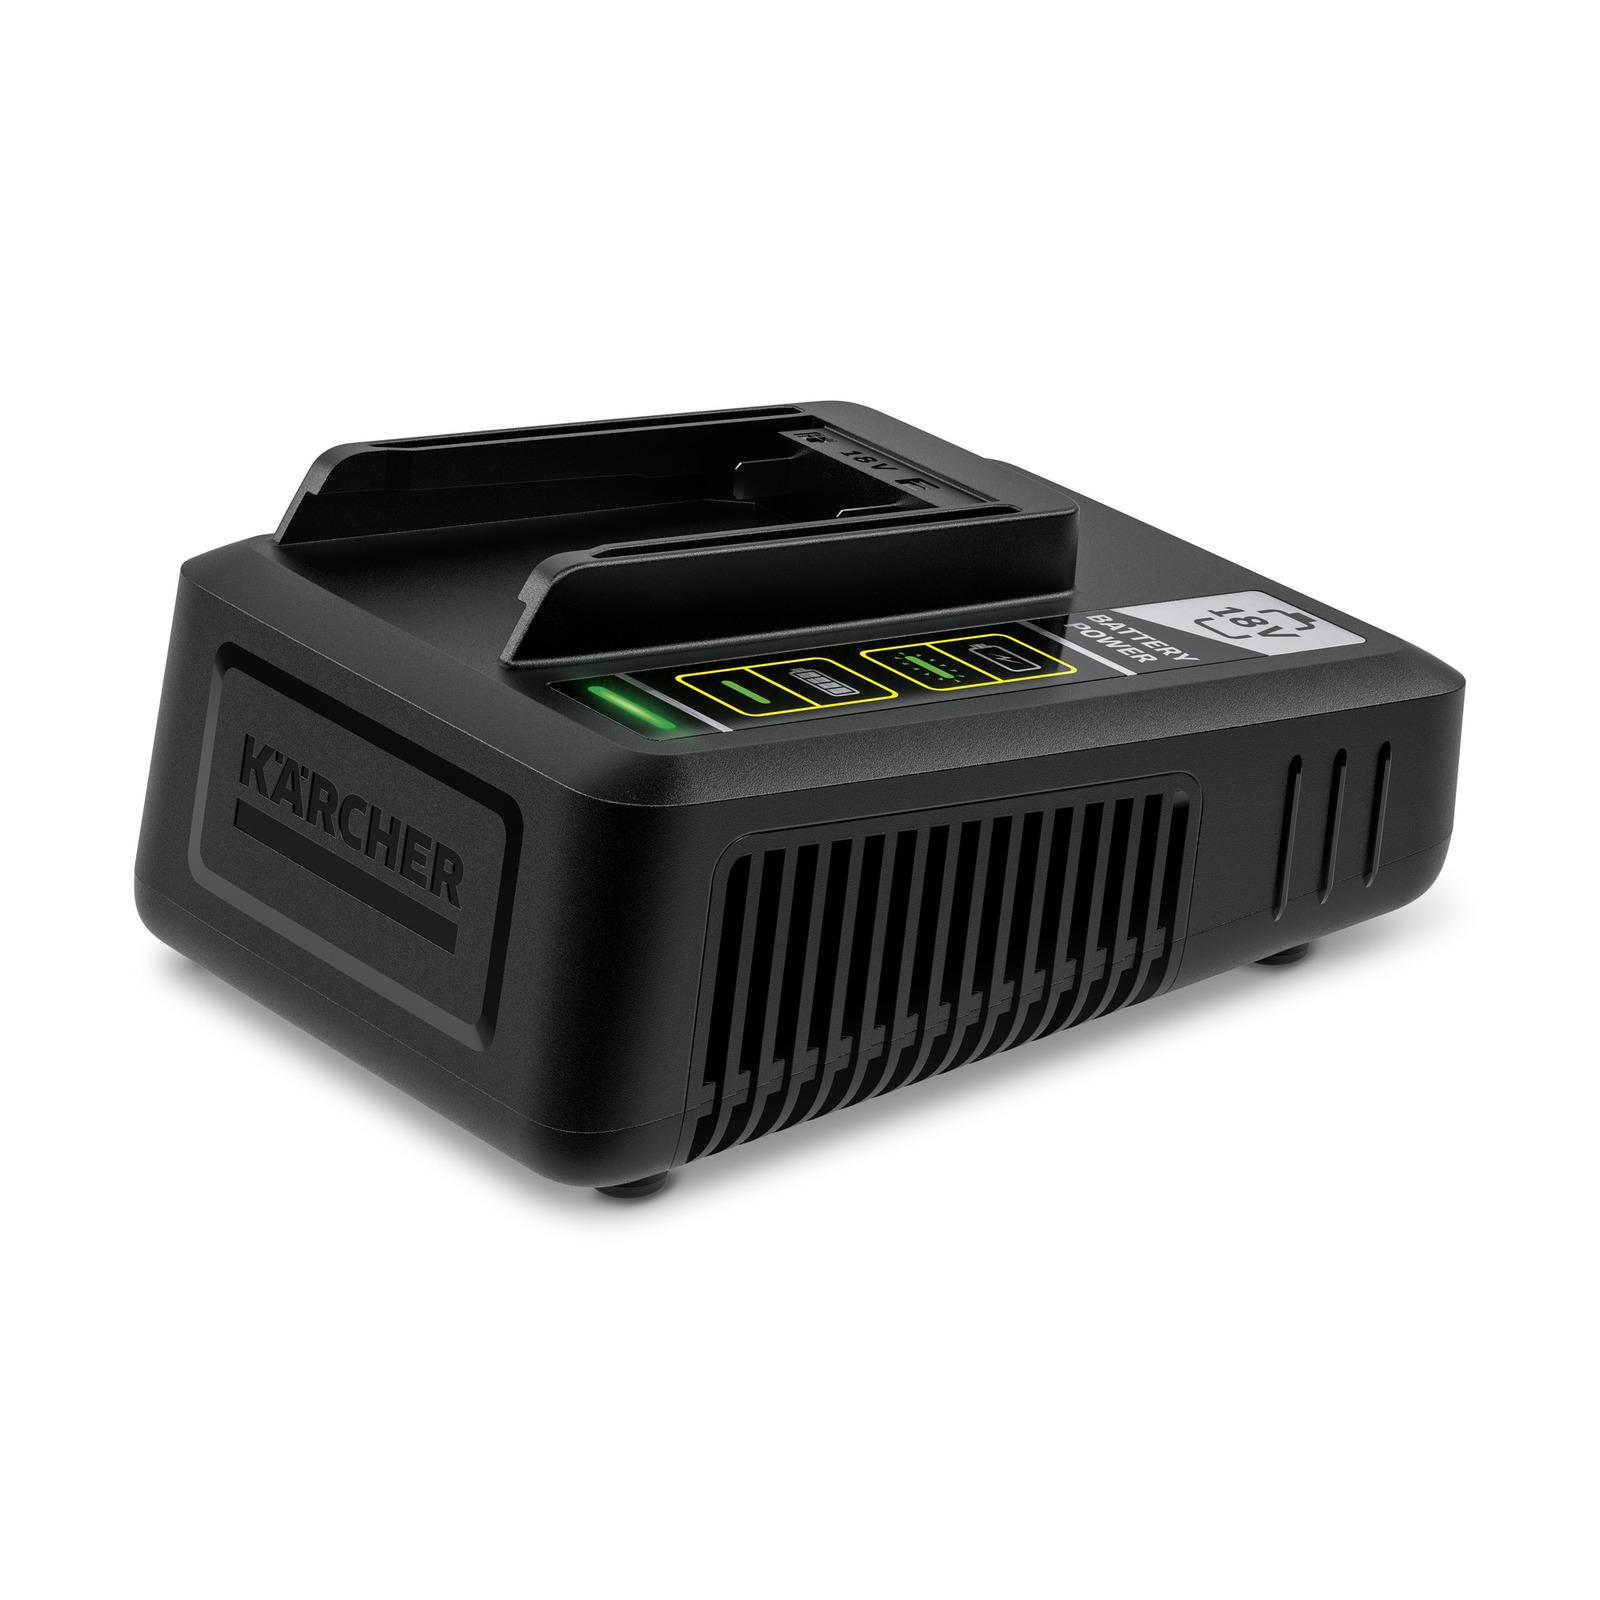 Быстрое зарядное устройство Karcher 18 V *EU зарядное